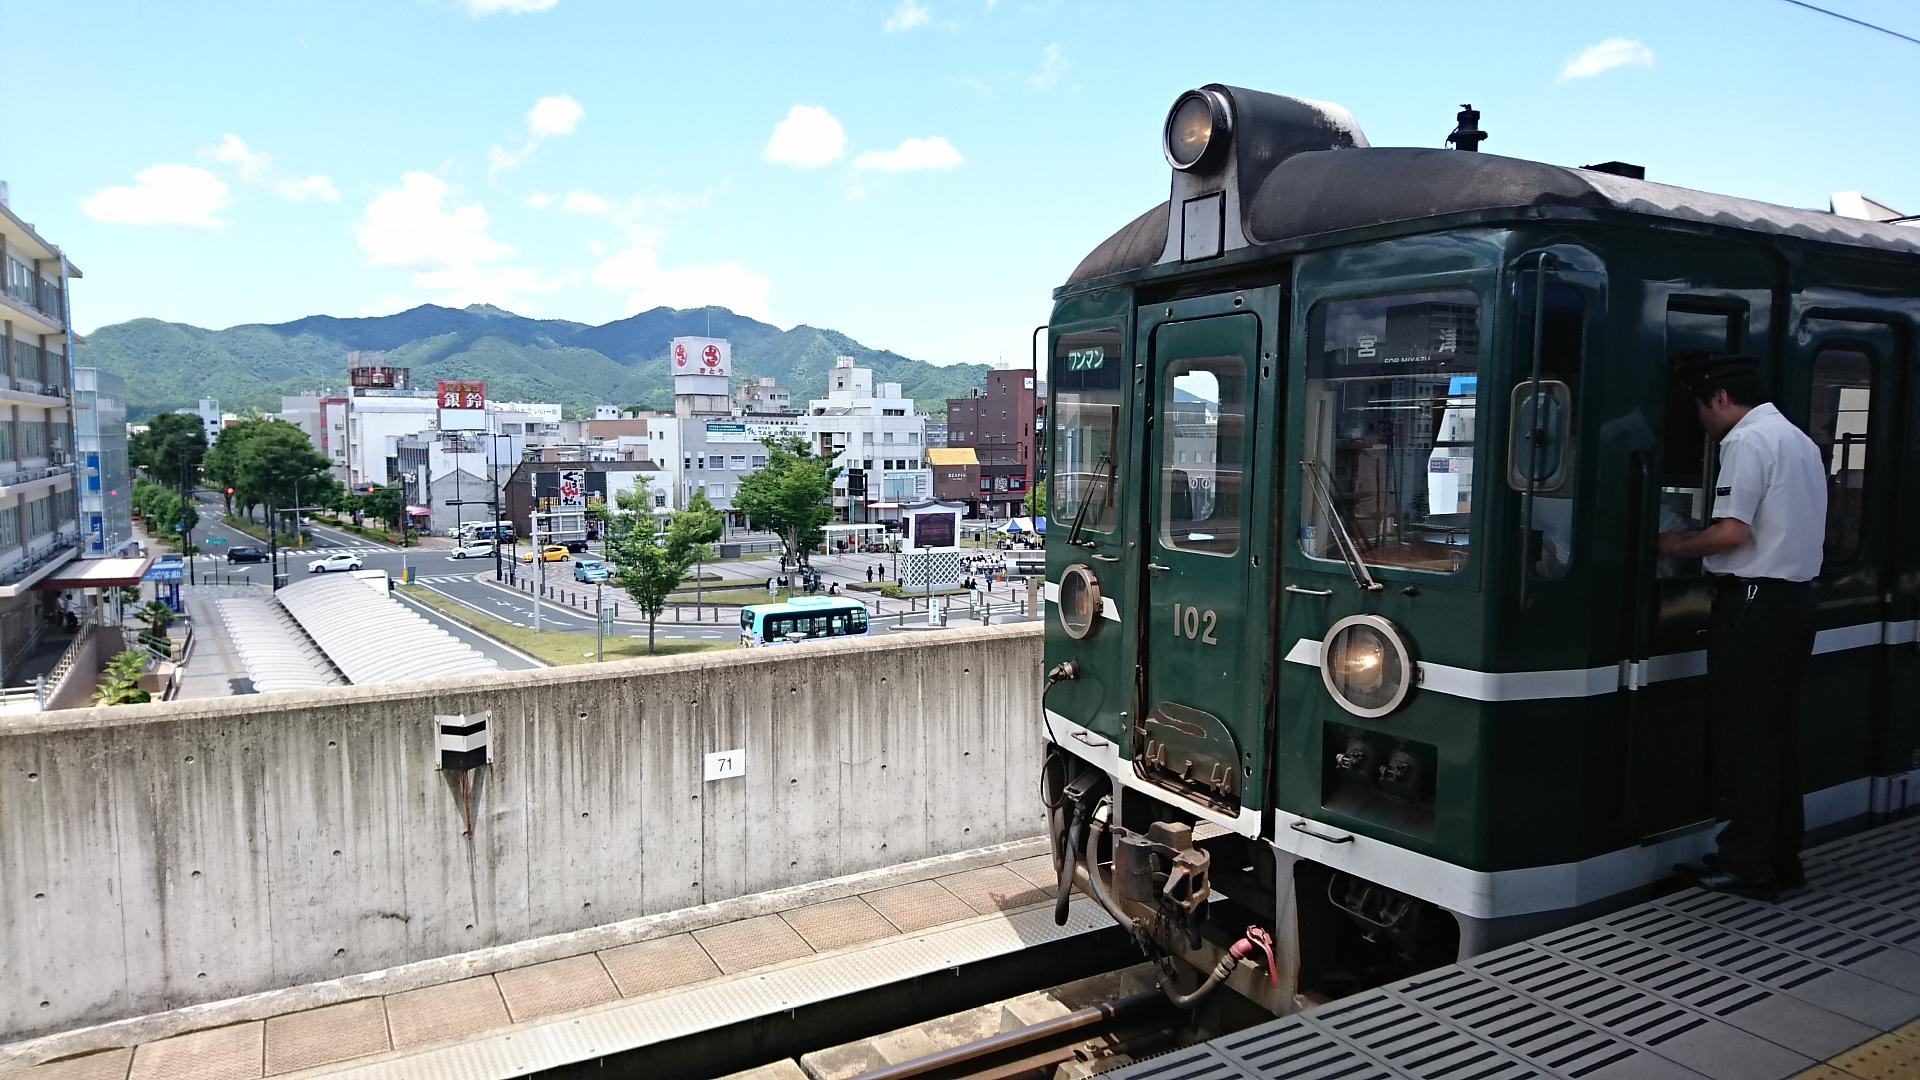 2017.6.4 天橋立 (116) 福知山 - 京都丹后鉄道列車 1920-1080